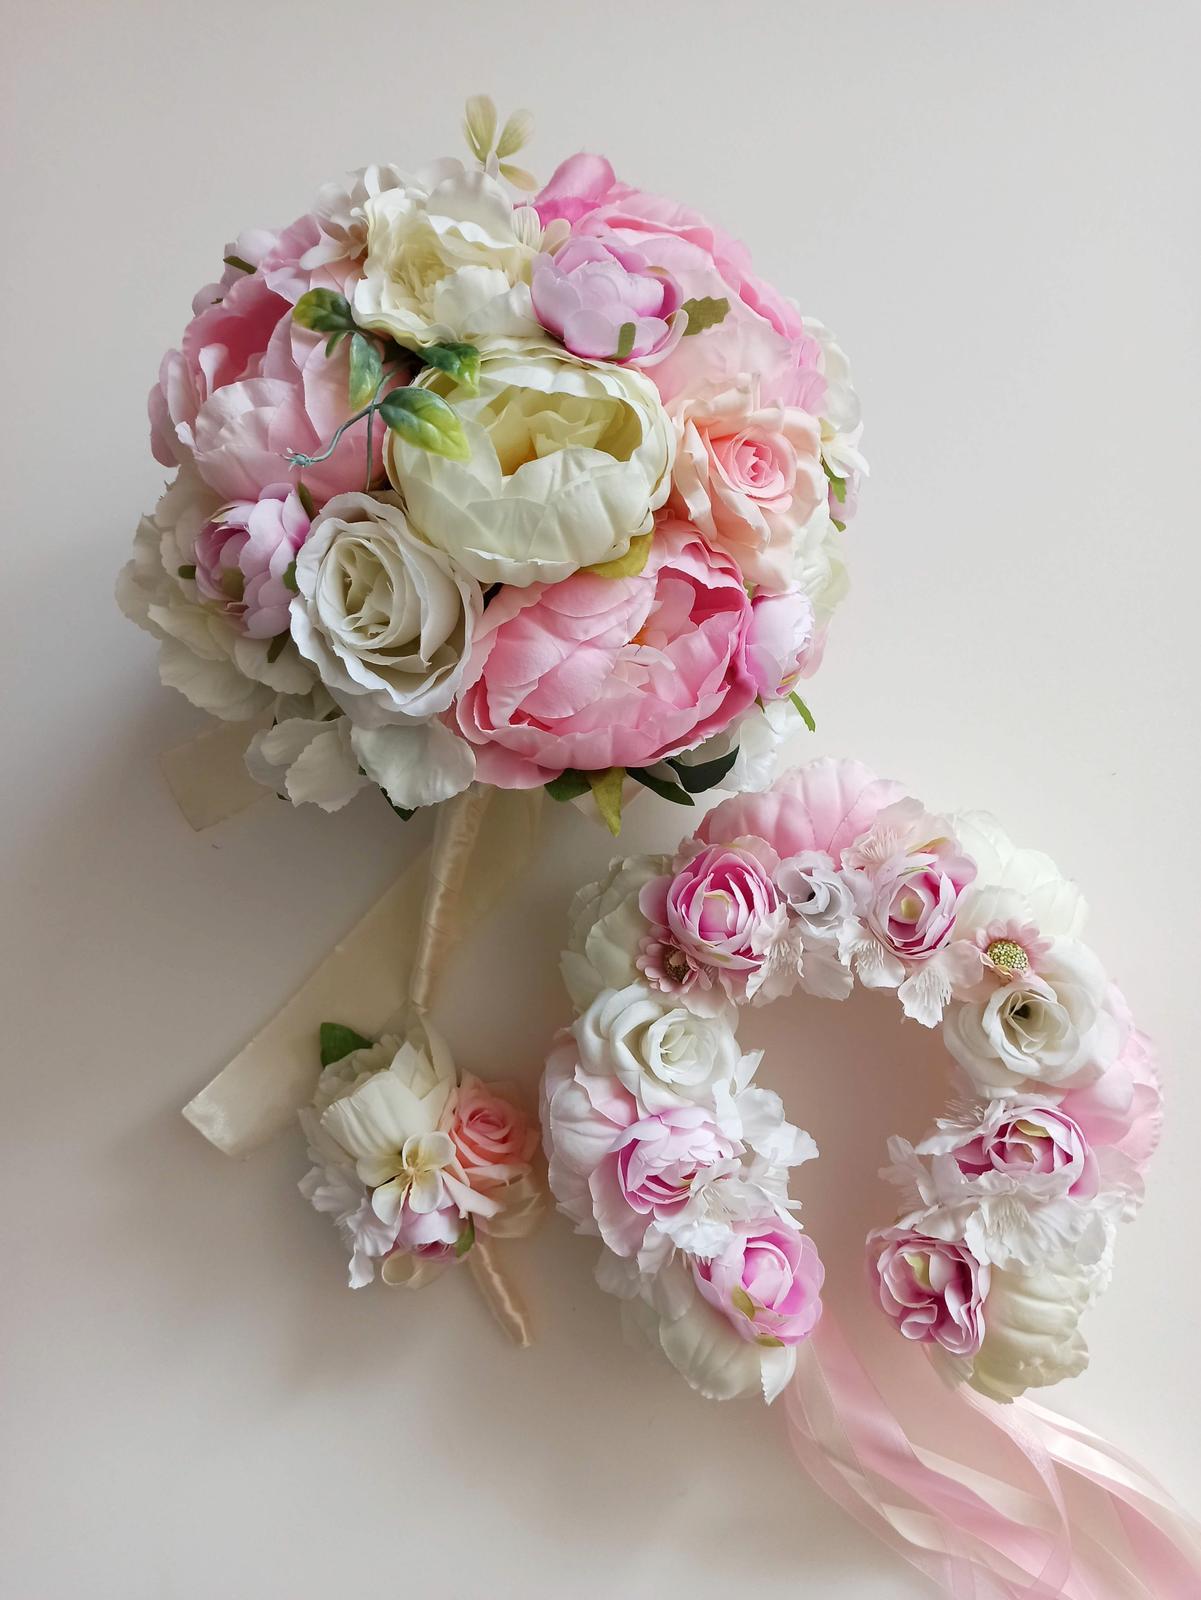 Z umelých kvetov - Obrázok č. 51